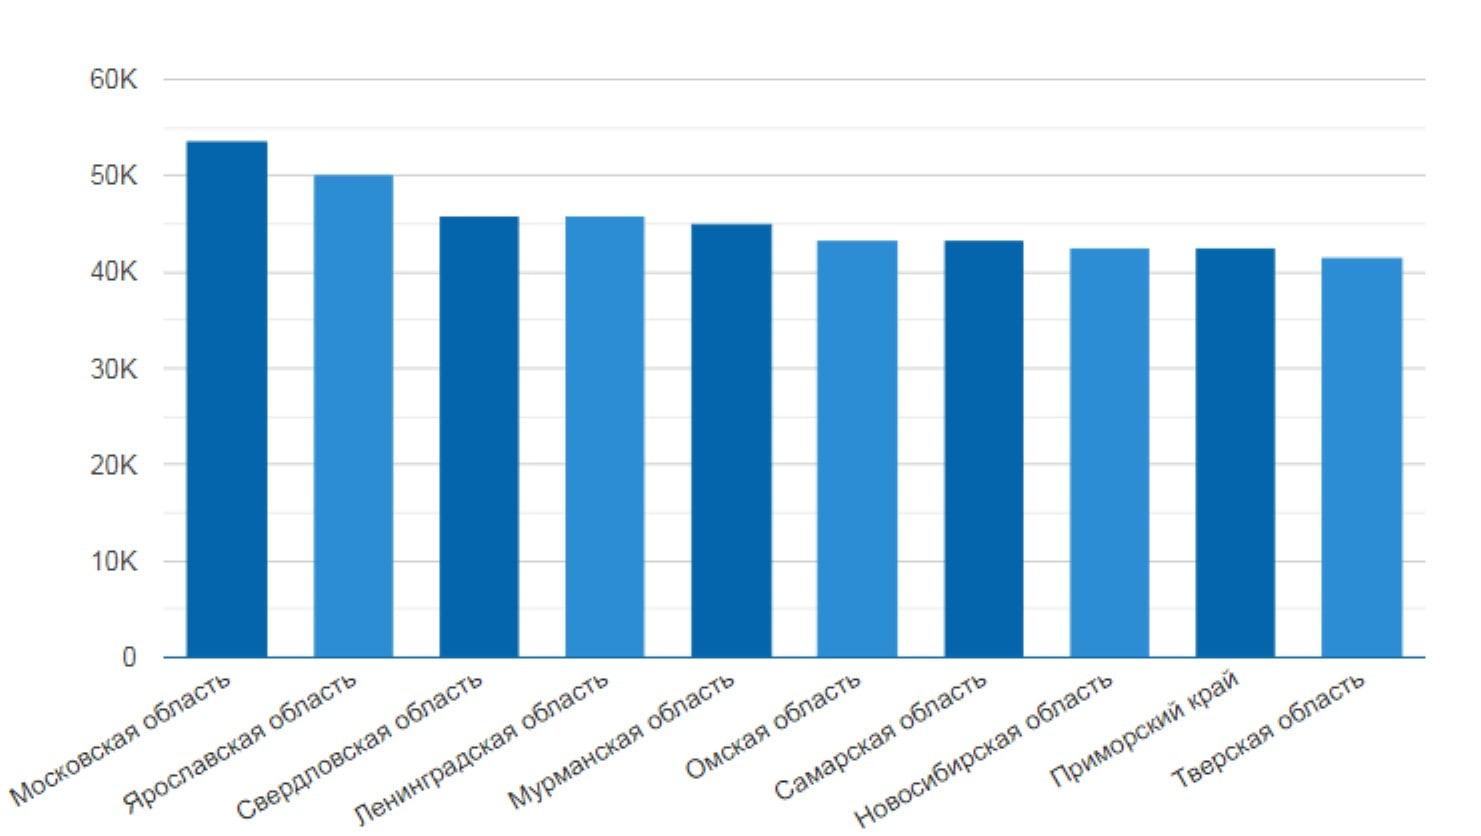 Зарплата в областных городах РФ. Данные с сайта russia.trud.com